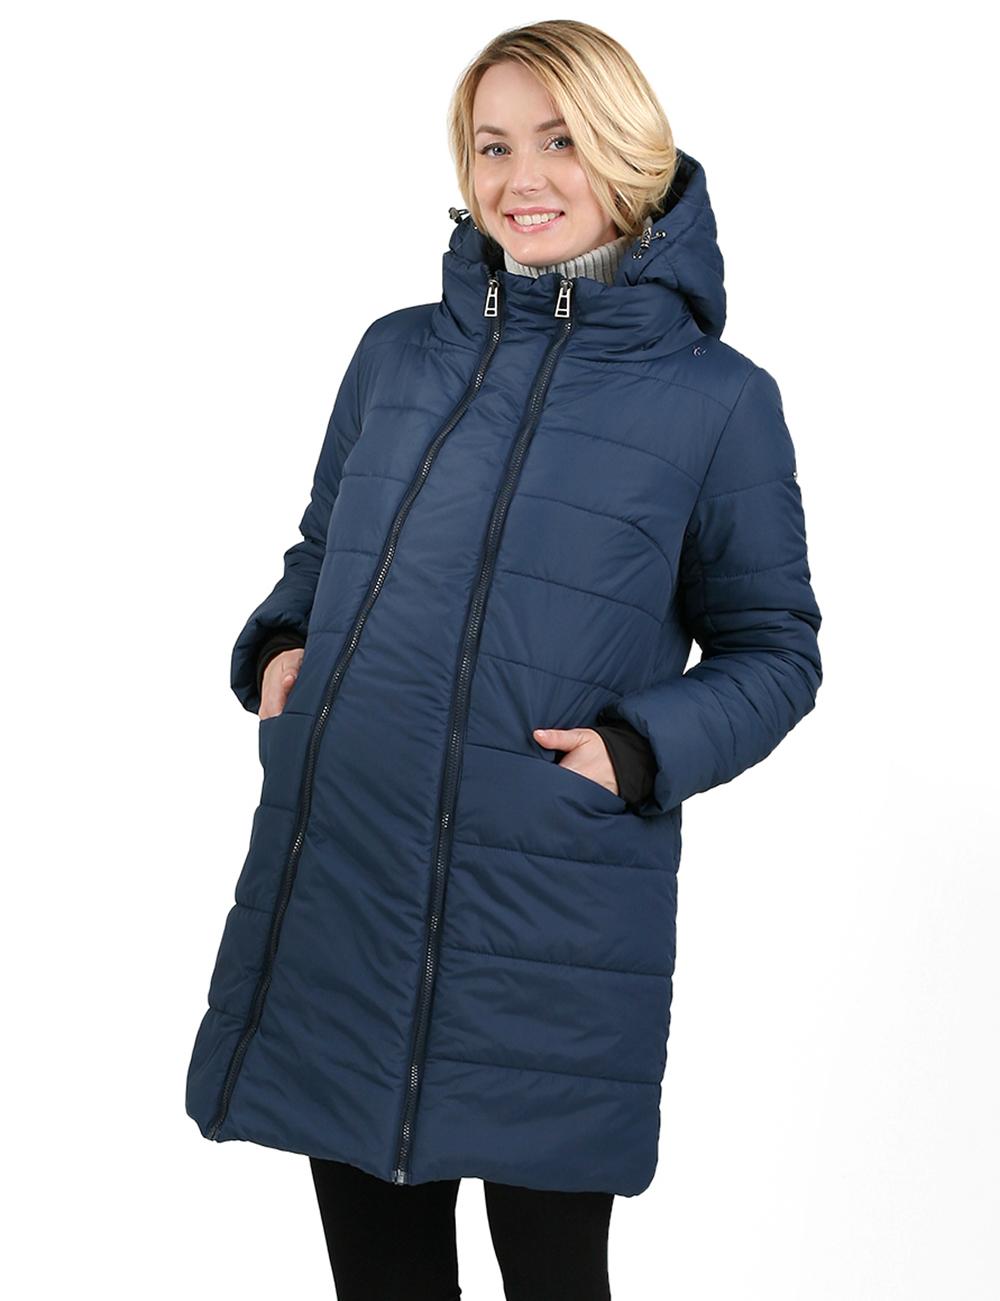 3edf3ee85a38 Фото Куртка зимняя 2в1 I love mum Малайзия синяя для беременных от магазина  Kidster